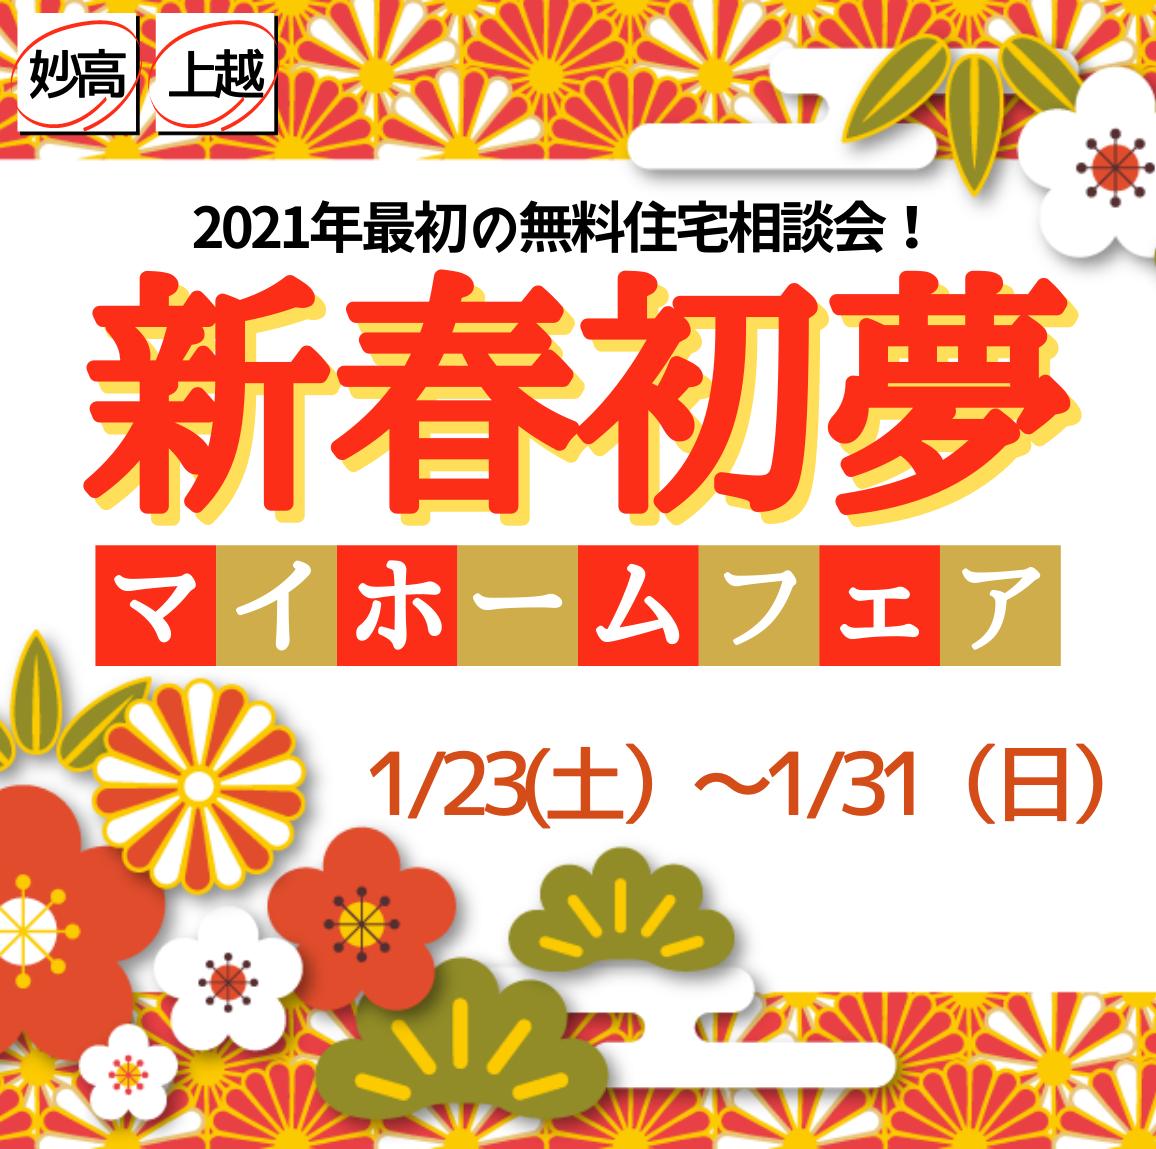 【2021年最初の相談&見学会】新春☆初夢マイホームフェア!第二弾